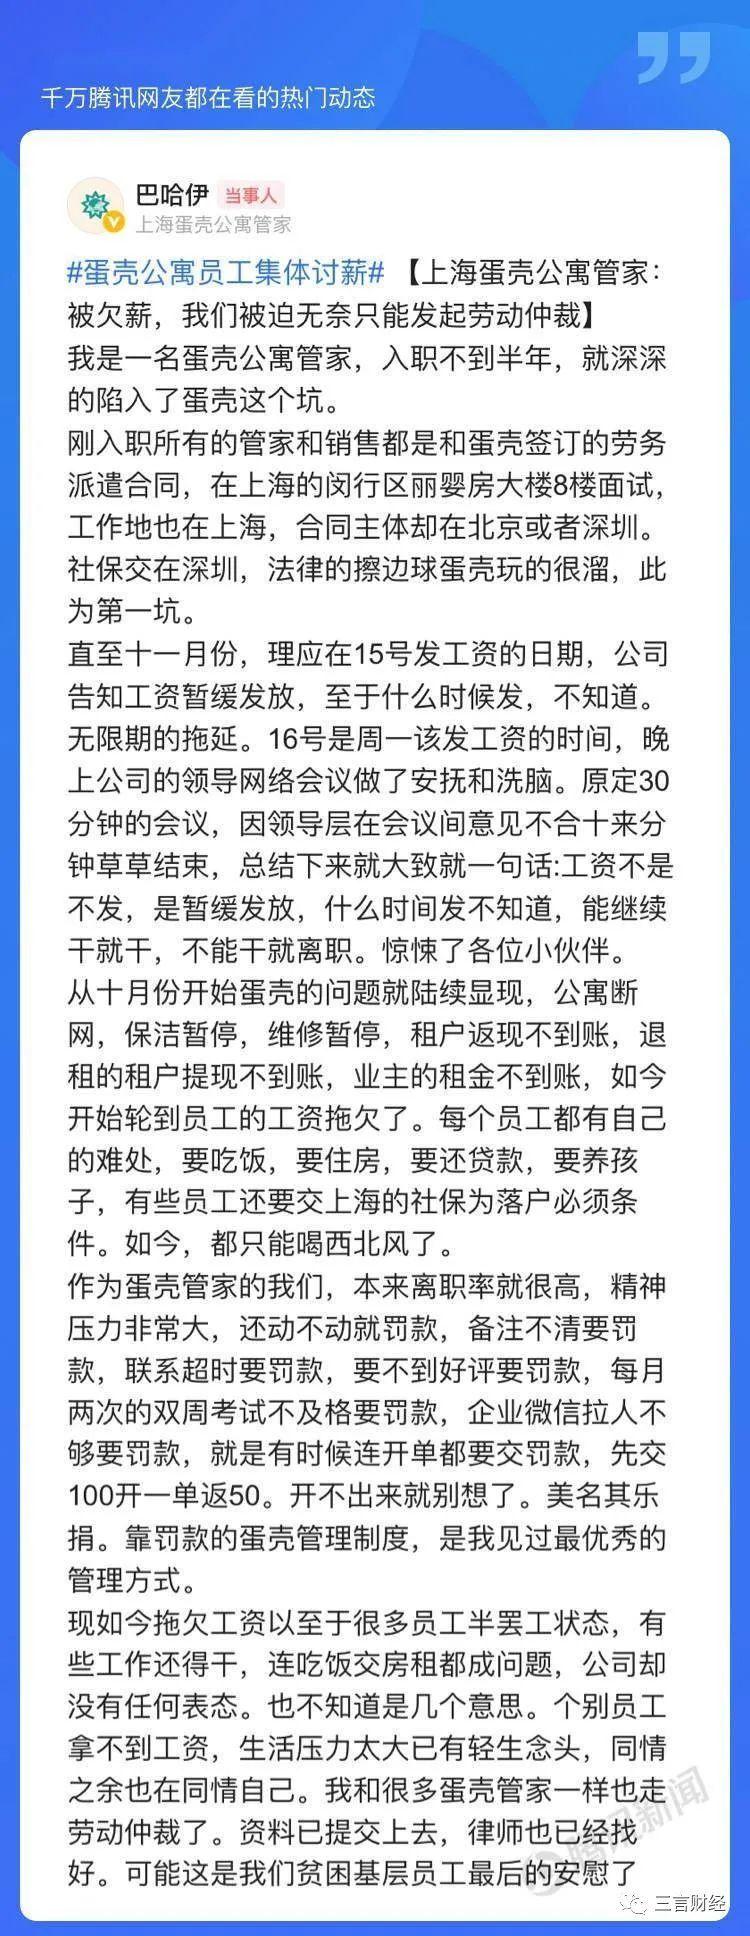 蛋壳公寓员工集体讨薪:被迫无奈发起劳动仲裁